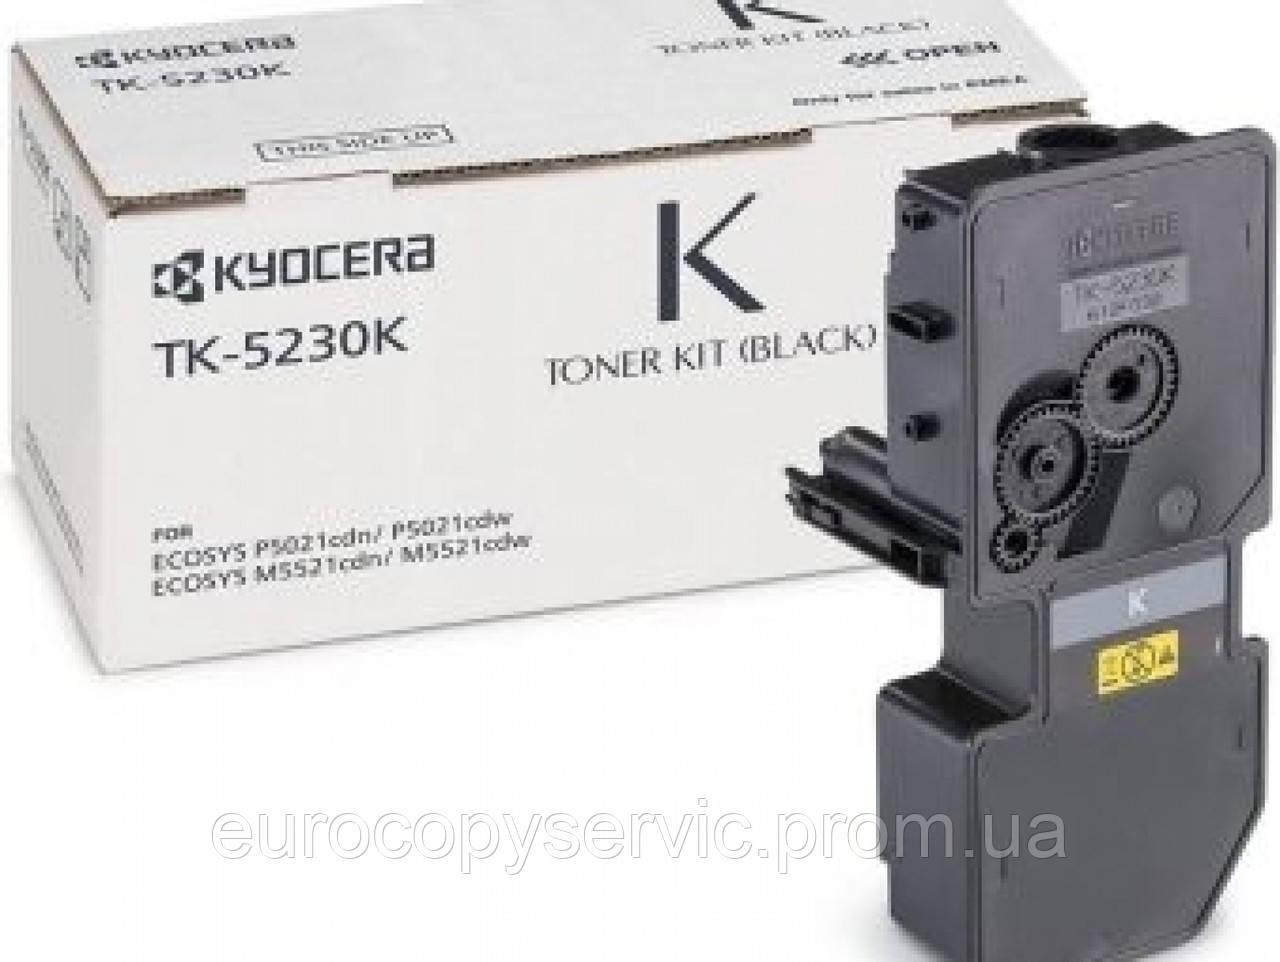 Тонер-картридж Kyocera TK-5230K для ECOSYS P5021cdn/P5021cdw/M5521cdn/M5521cdw ресурс 2600 стор. Black